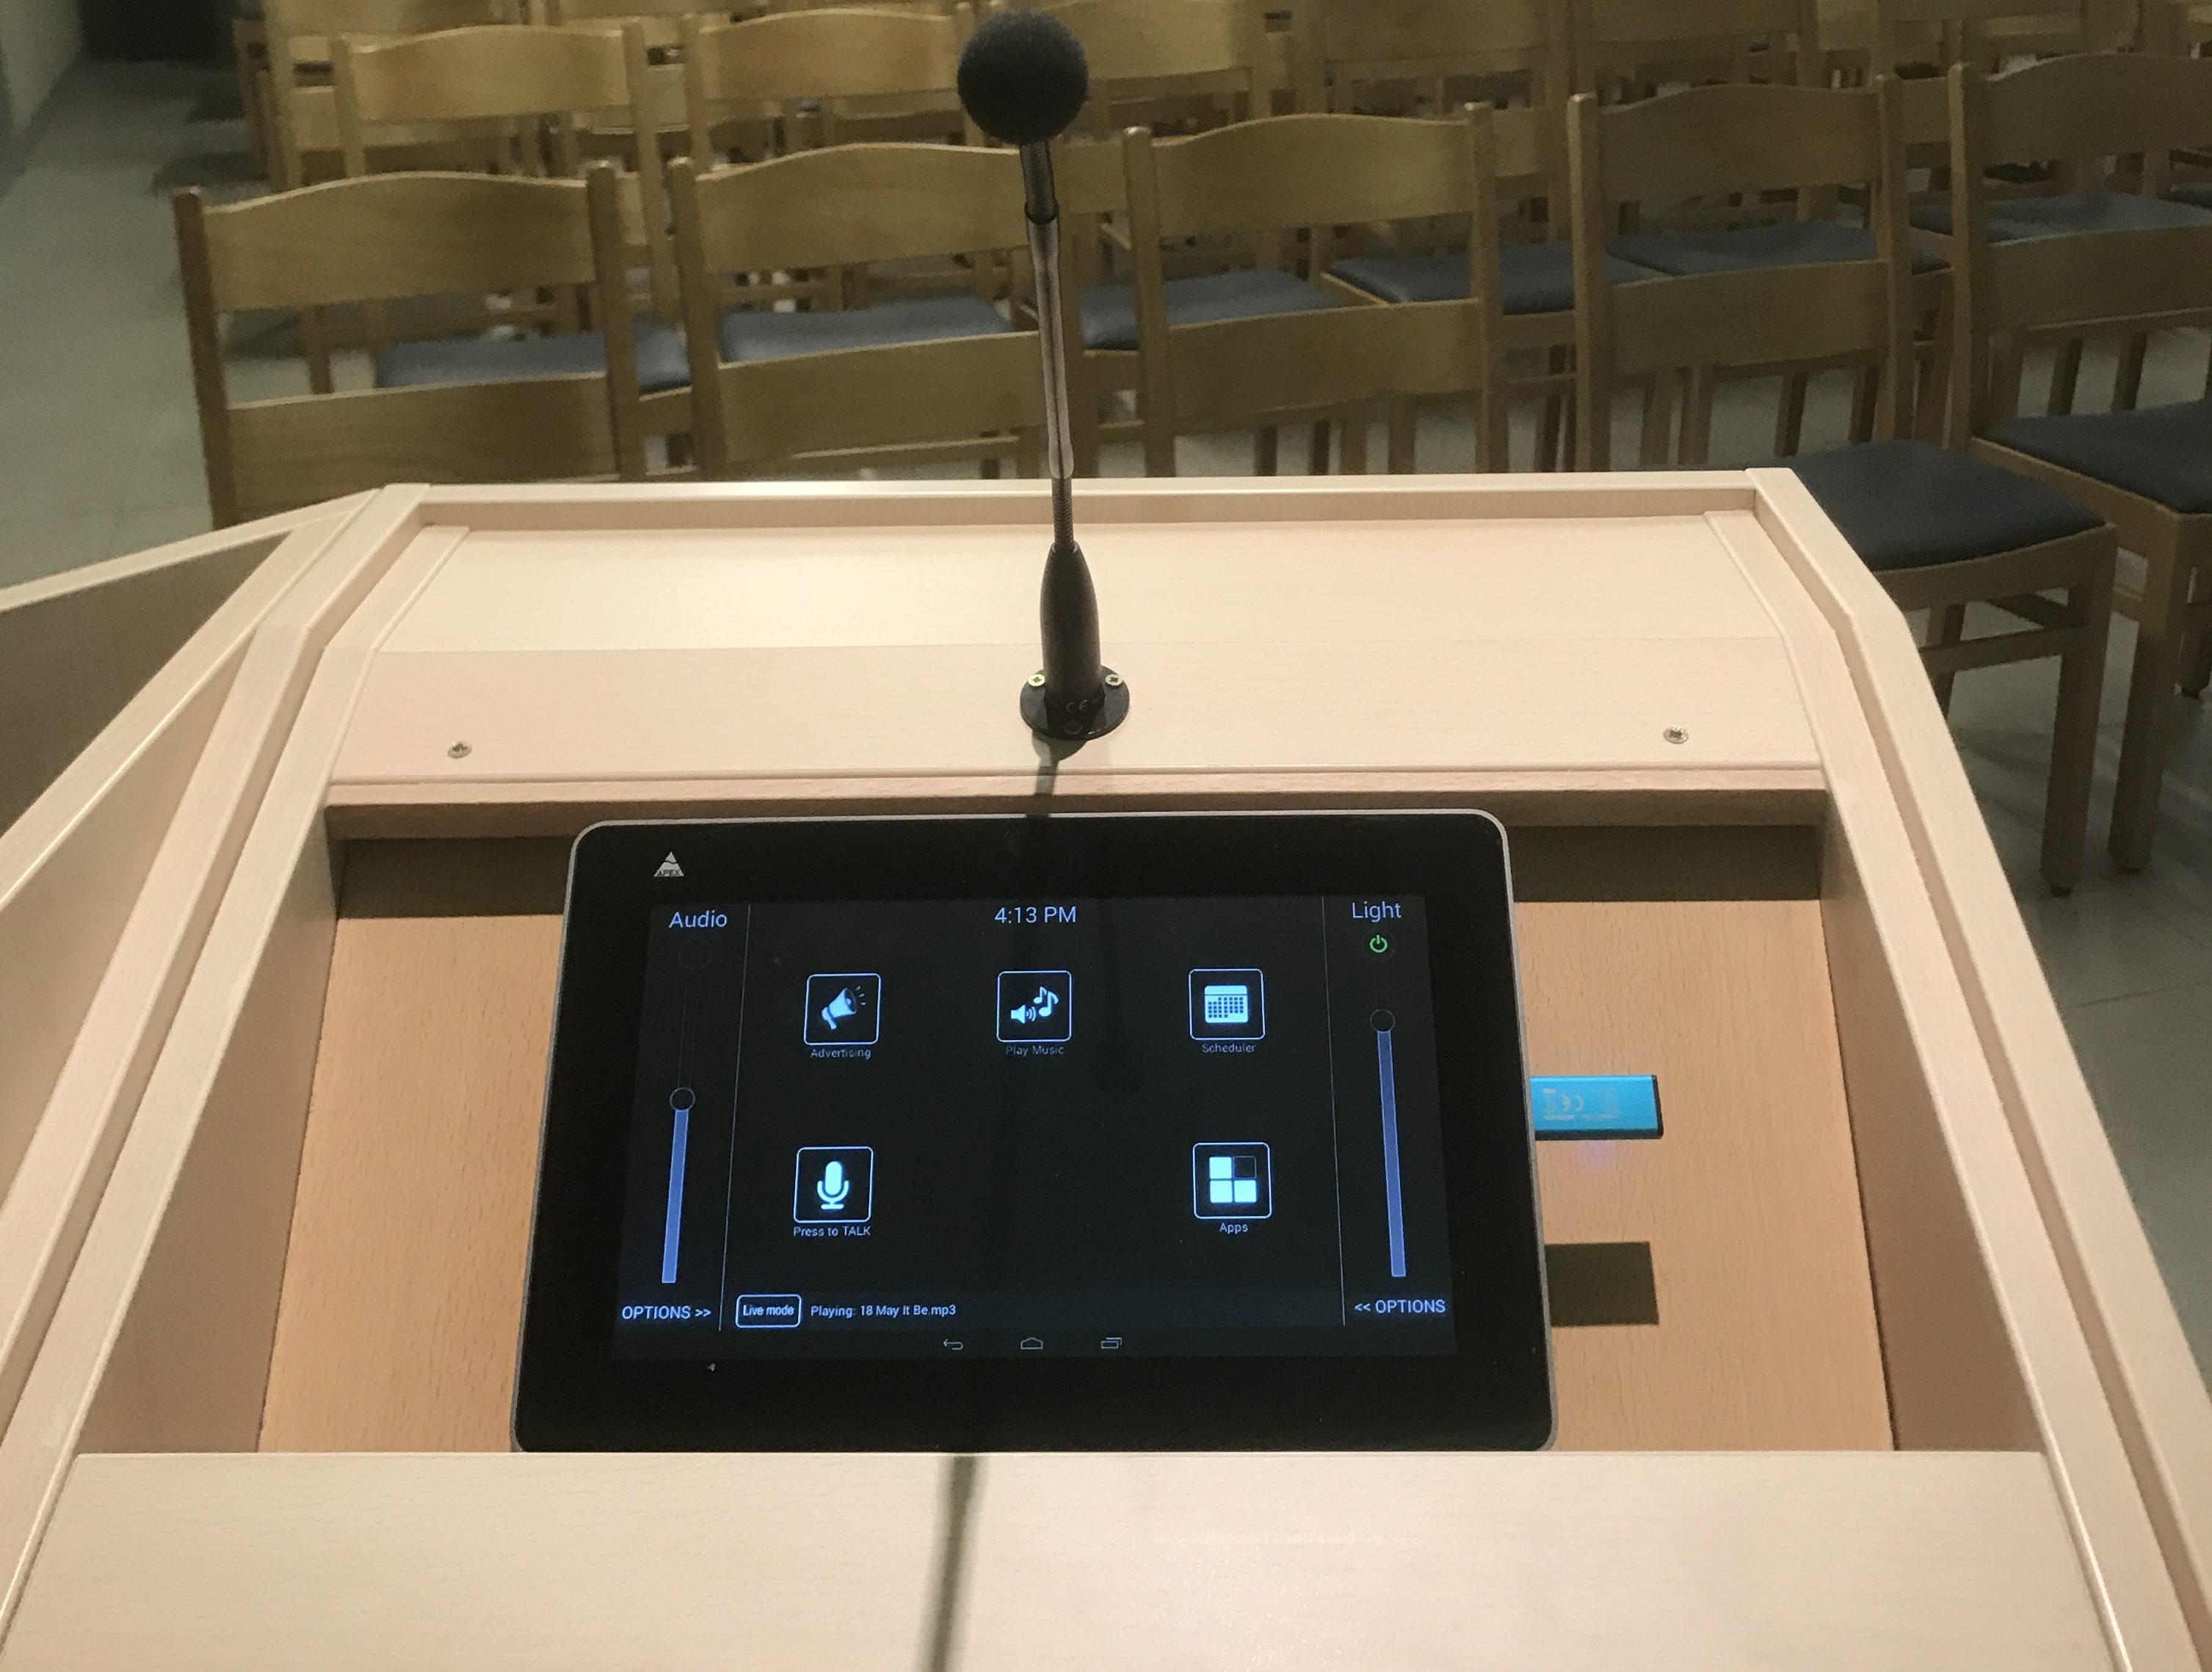 Apex Liviau Aula Control system